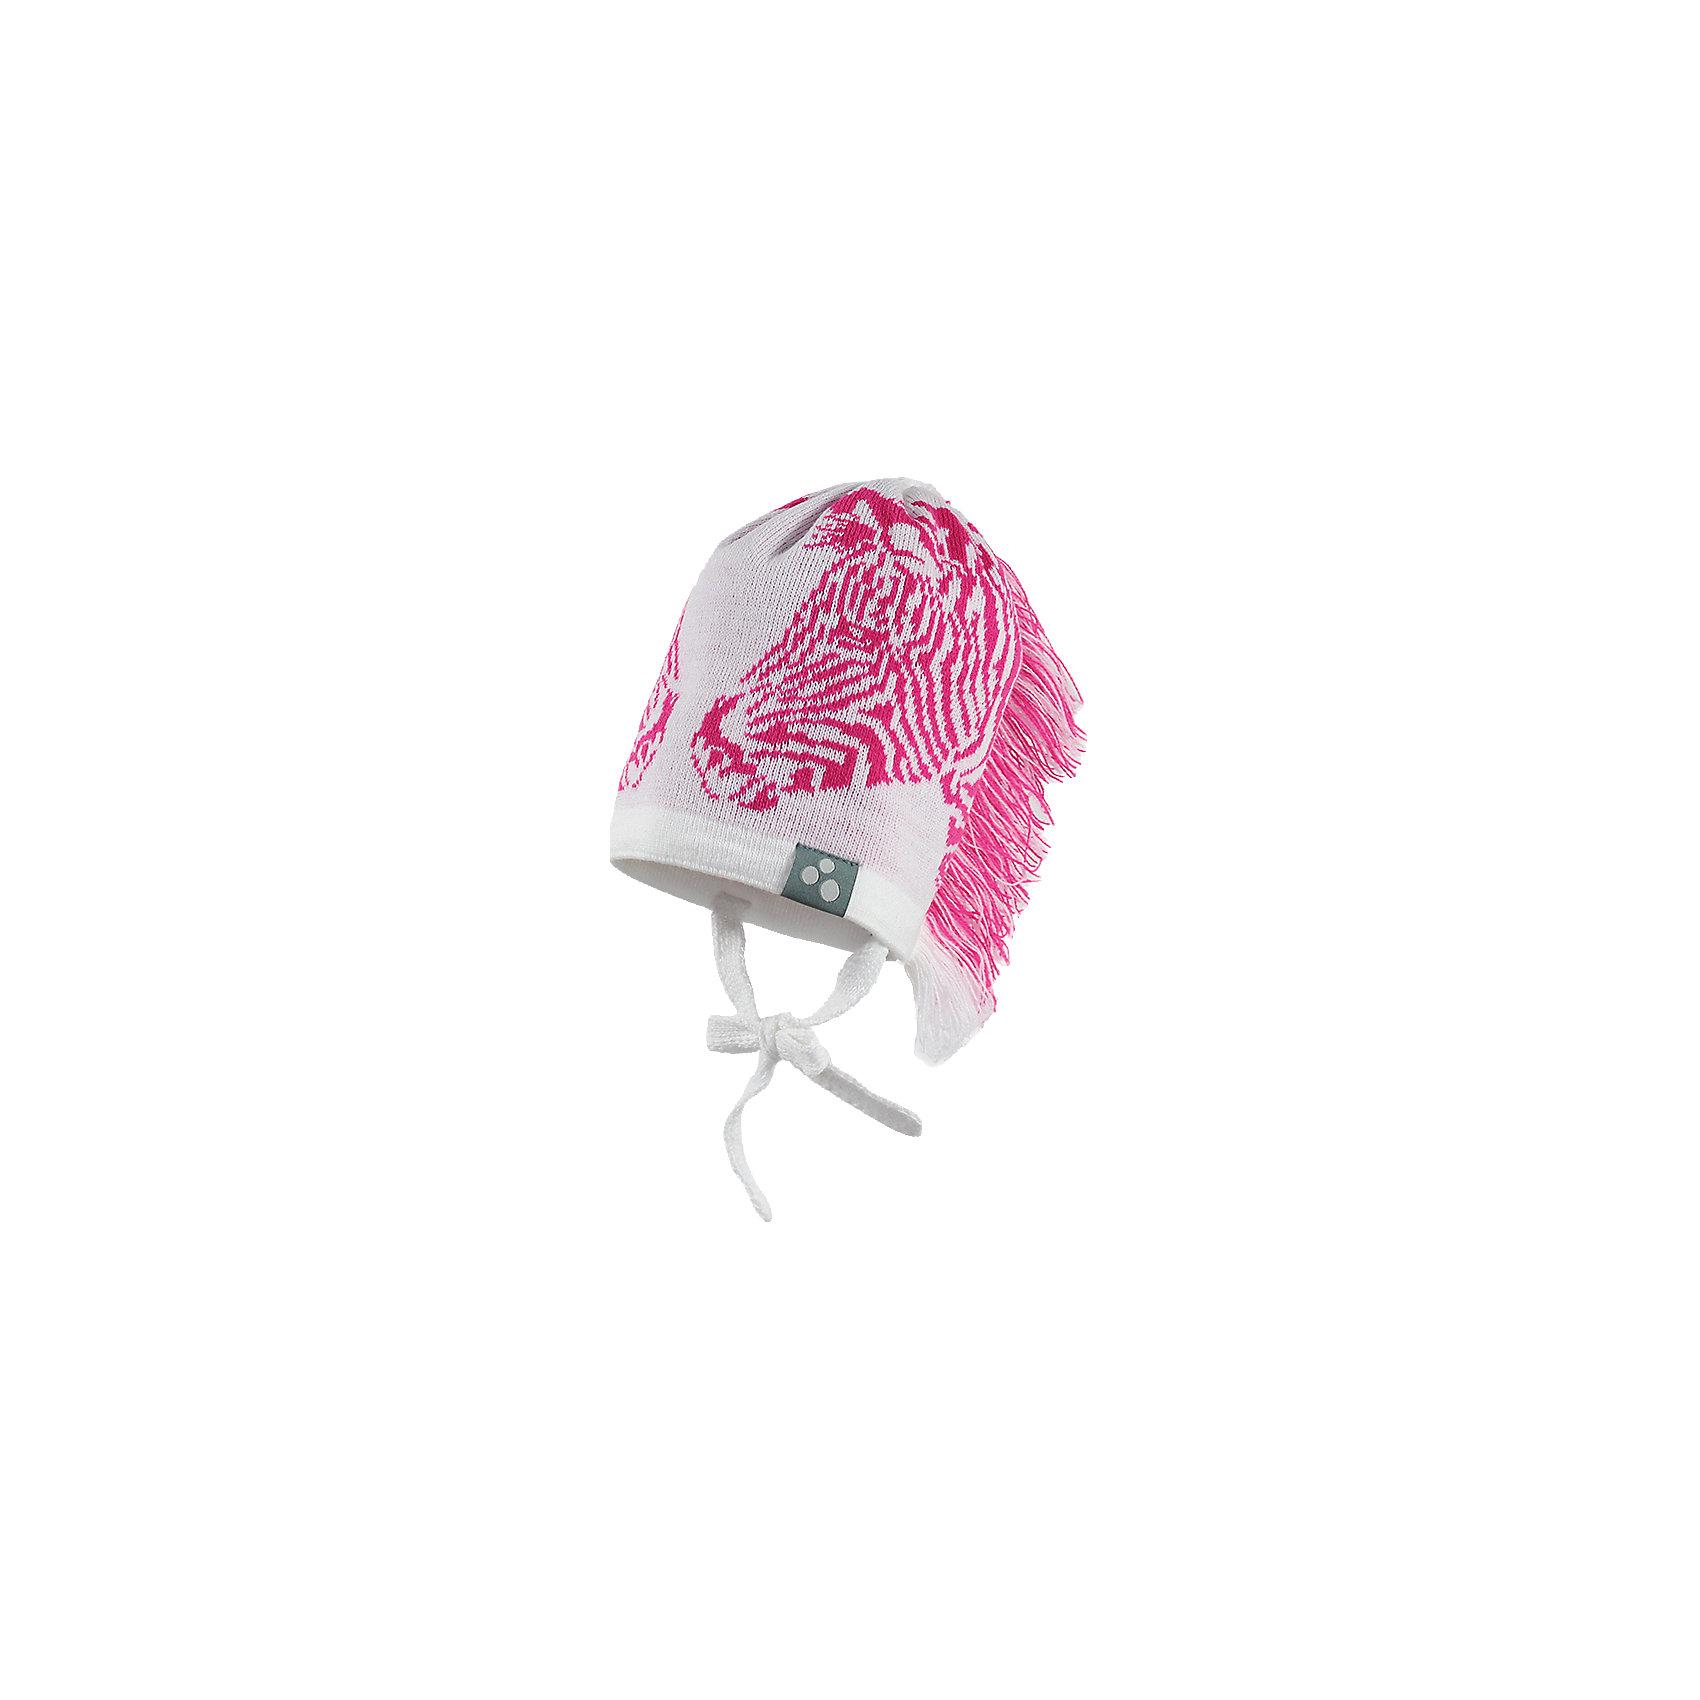 Шапка  HuppaНеобычная зимняя шапка Zebra от Huppa(хуппа) непременно удивит и понравится ребенку и окружающим. Шапка изготовлена из шерсти и акрила, с подкладкой из хлопка, имеет 2 завязки. Оригинальный дизайн с зеброй и хвостиком идеально подойдут для ребенка.<br><br>Дополнительная информация:<br>Цвет: белый/розовый<br>Материал: 50% мериносовая шерсть, 50% акрил<br><br><br>Шапку Huppa(хуппа) вы можете купить в нашем интернет-магазине.<br><br>Ширина мм: 89<br>Глубина мм: 117<br>Высота мм: 44<br>Вес г: 155<br>Цвет: белый<br>Возраст от месяцев: 84<br>Возраст до месяцев: 120<br>Пол: Женский<br>Возраст: Детский<br>Размер: 55-57,47-49,51-53<br>SKU: 4923501